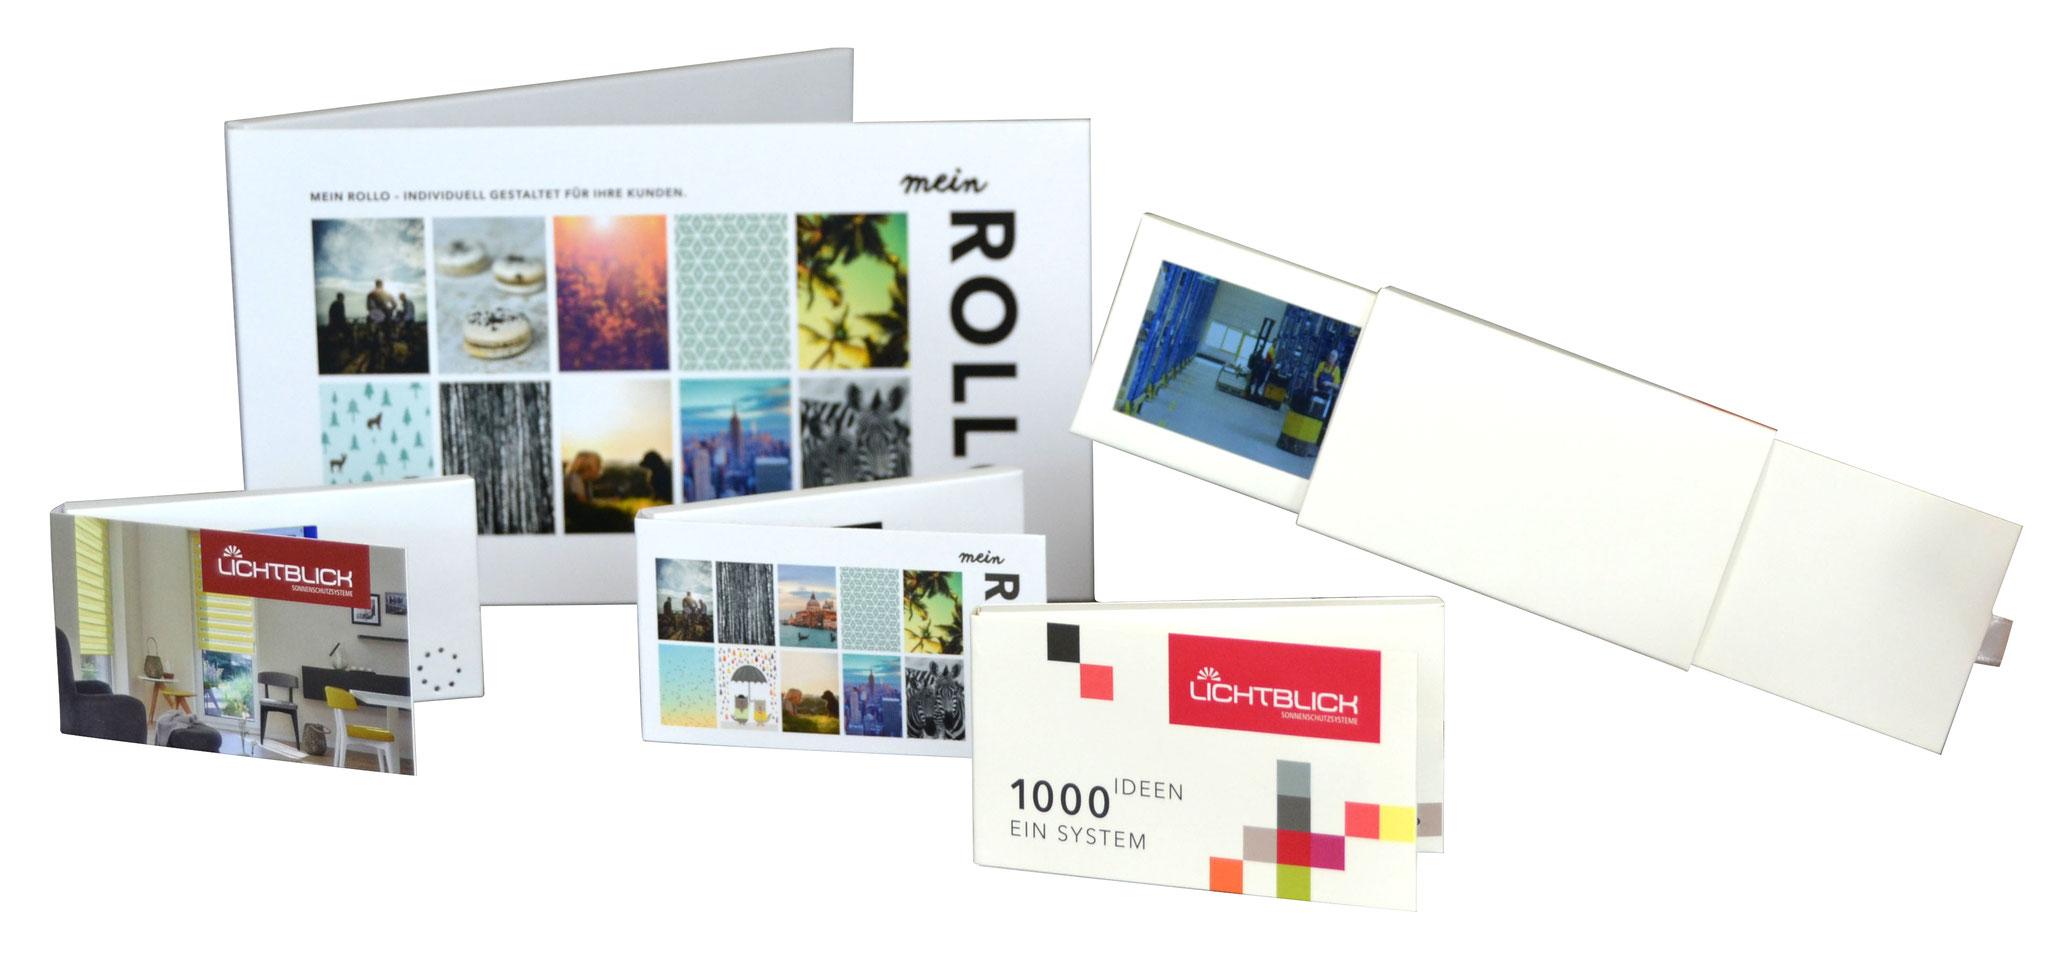 Videocards Lichtblick